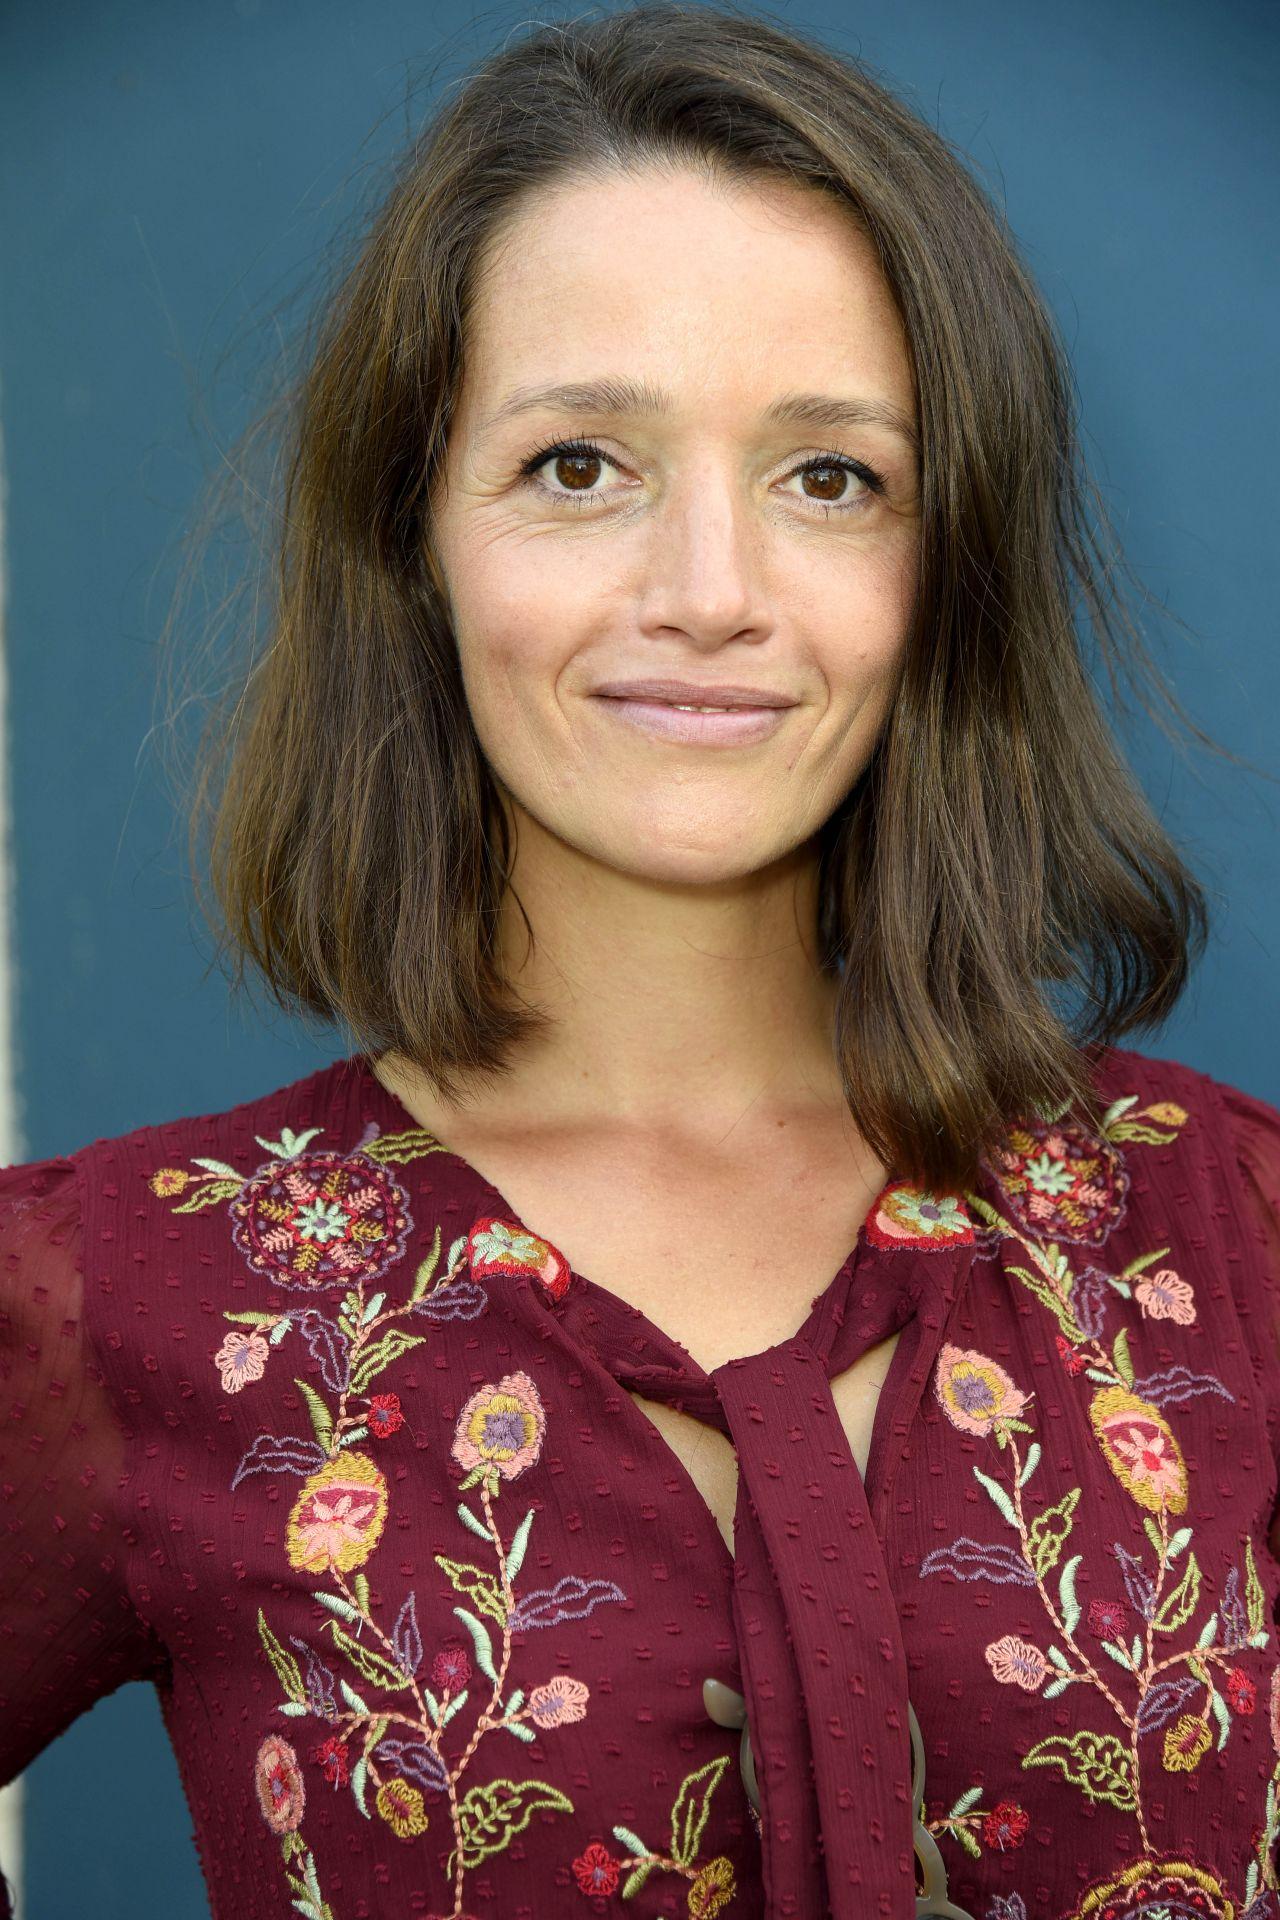 Kaja Schmidt-Tychsen - Alles was Zählt Fan Event in